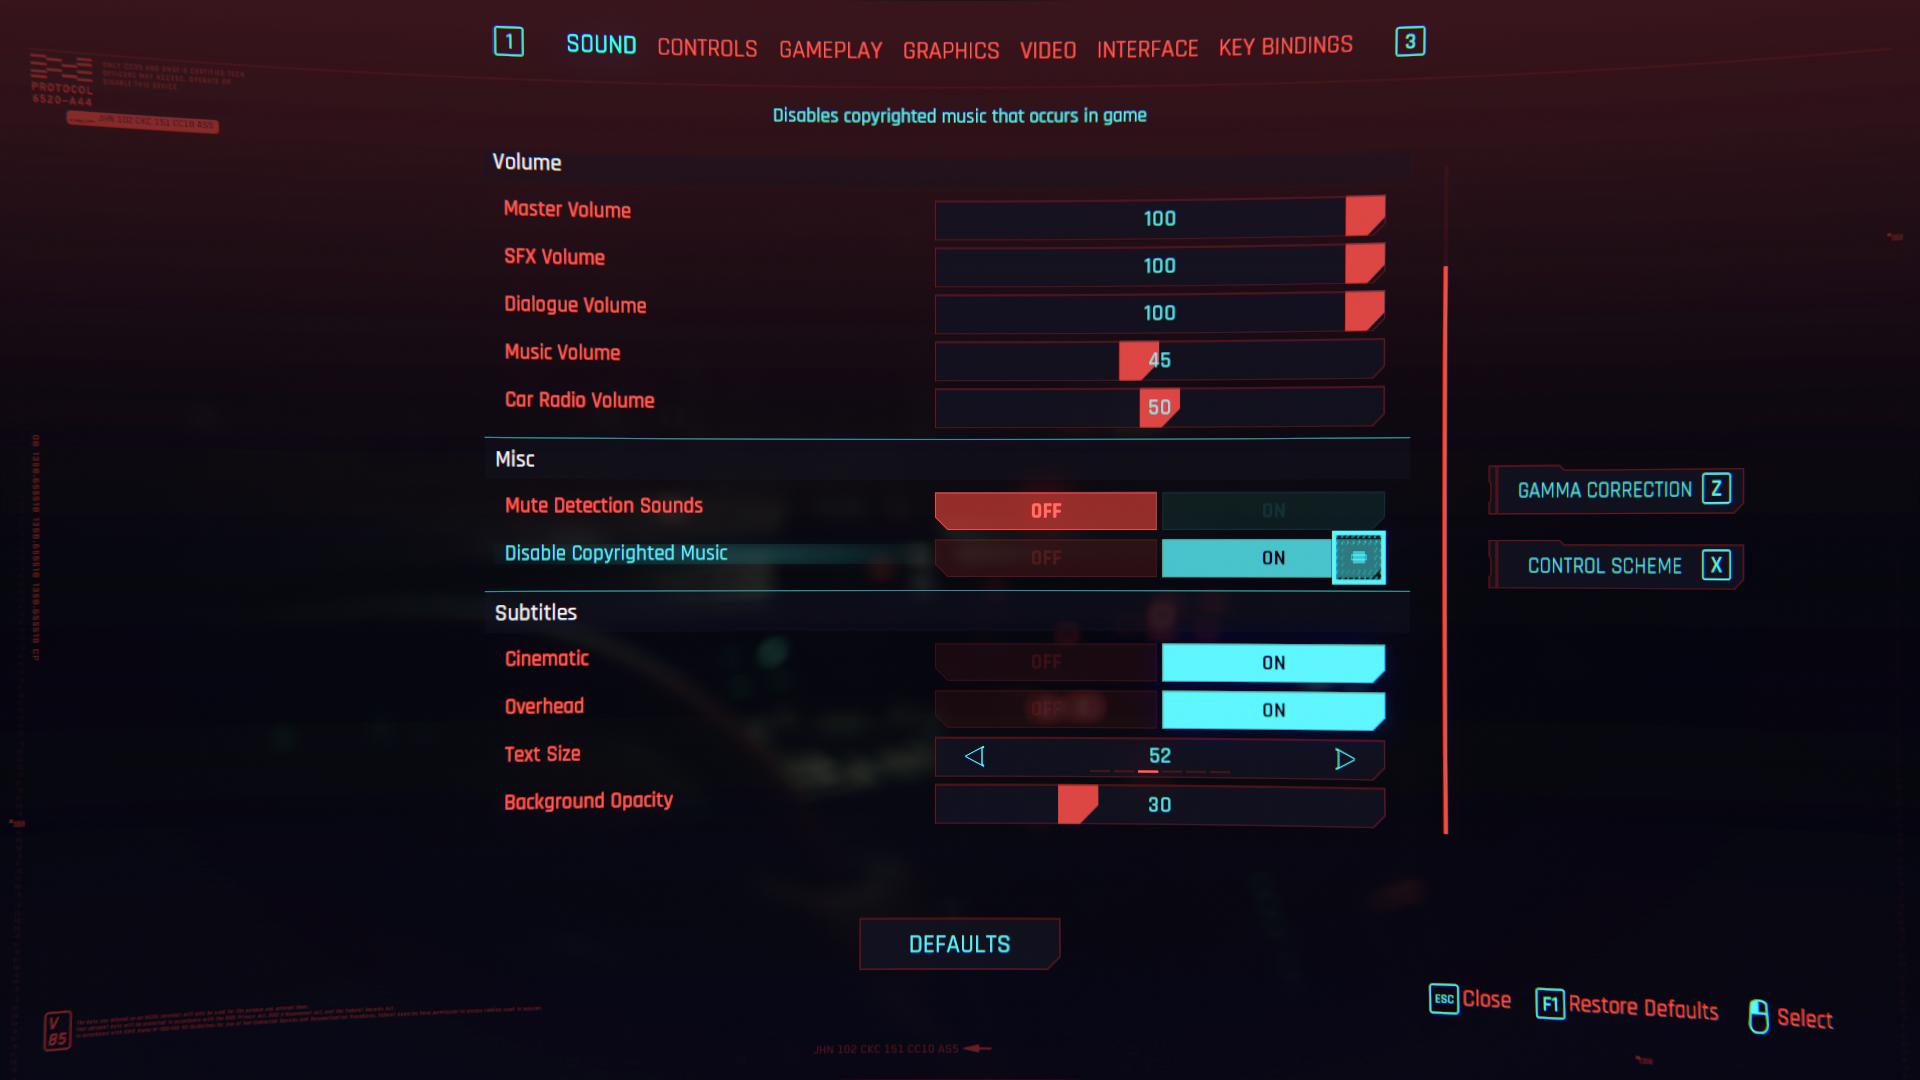 Comment désactiver la musique protégée par copyright dans Cyberpunk 2077